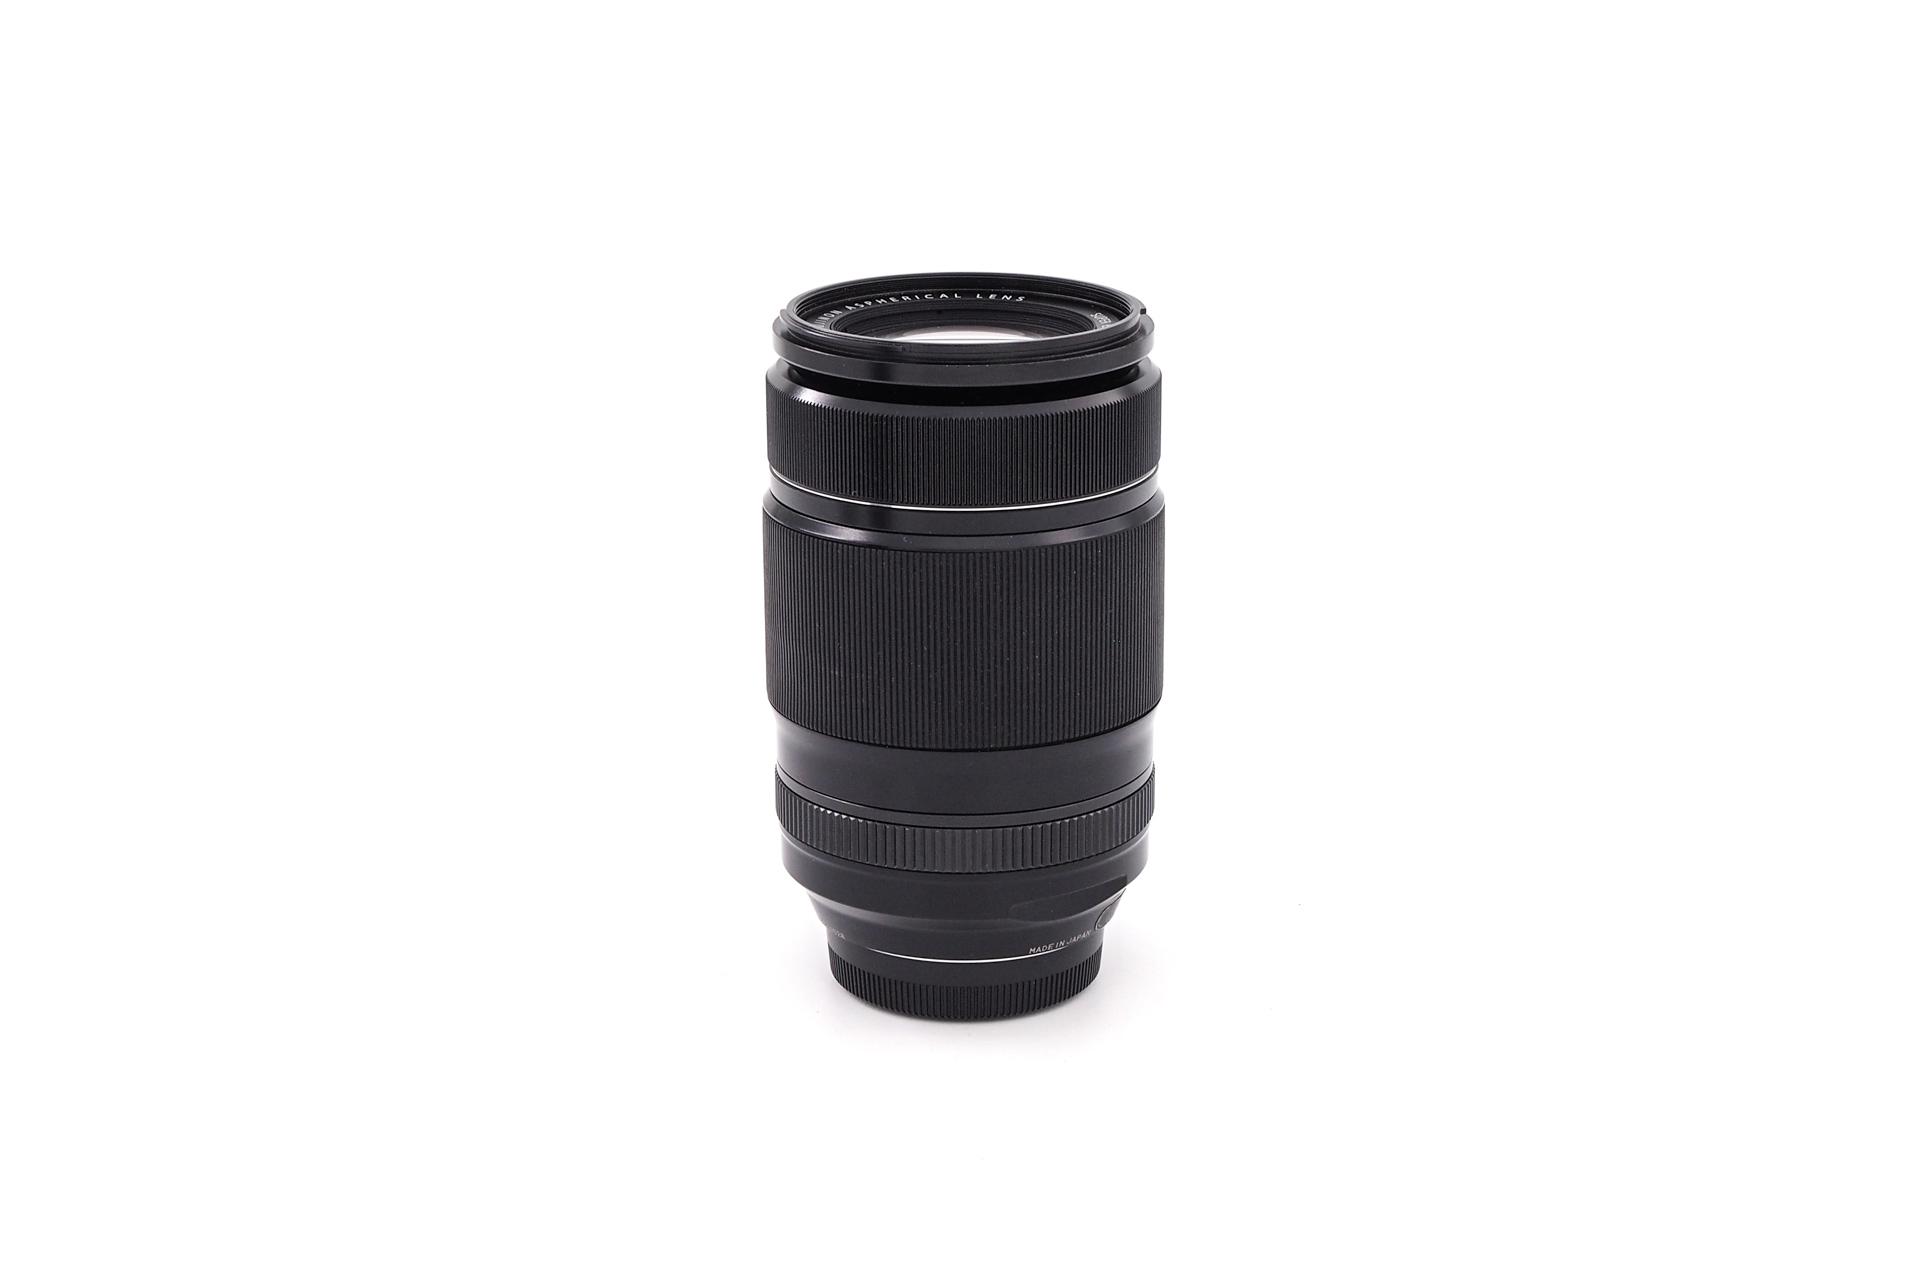 Fujifilm XF 55-200mm F/3.5-4.8